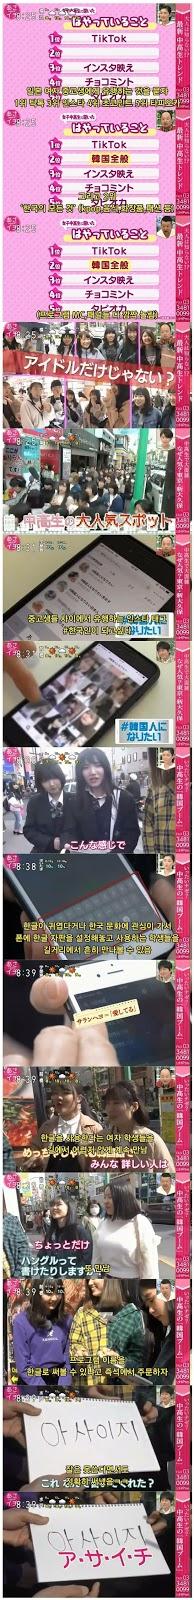 [THEQOO] Japon gençlerinin Kore'ye olan ilgisi netizenleri şaşırttı